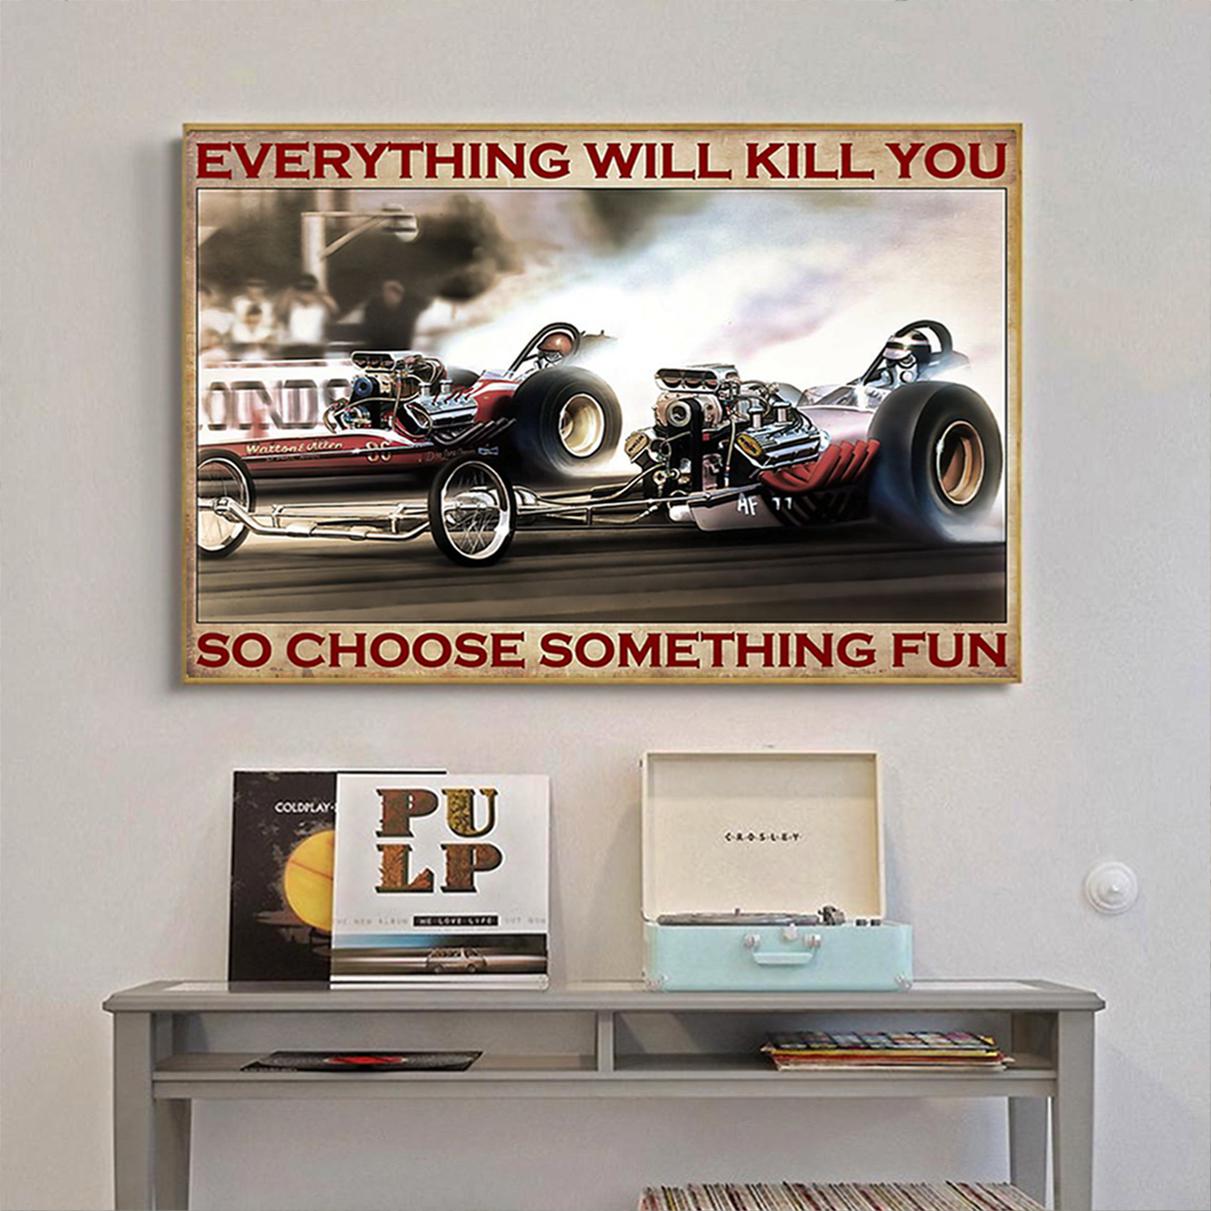 Drag racing choose something fun poster A1